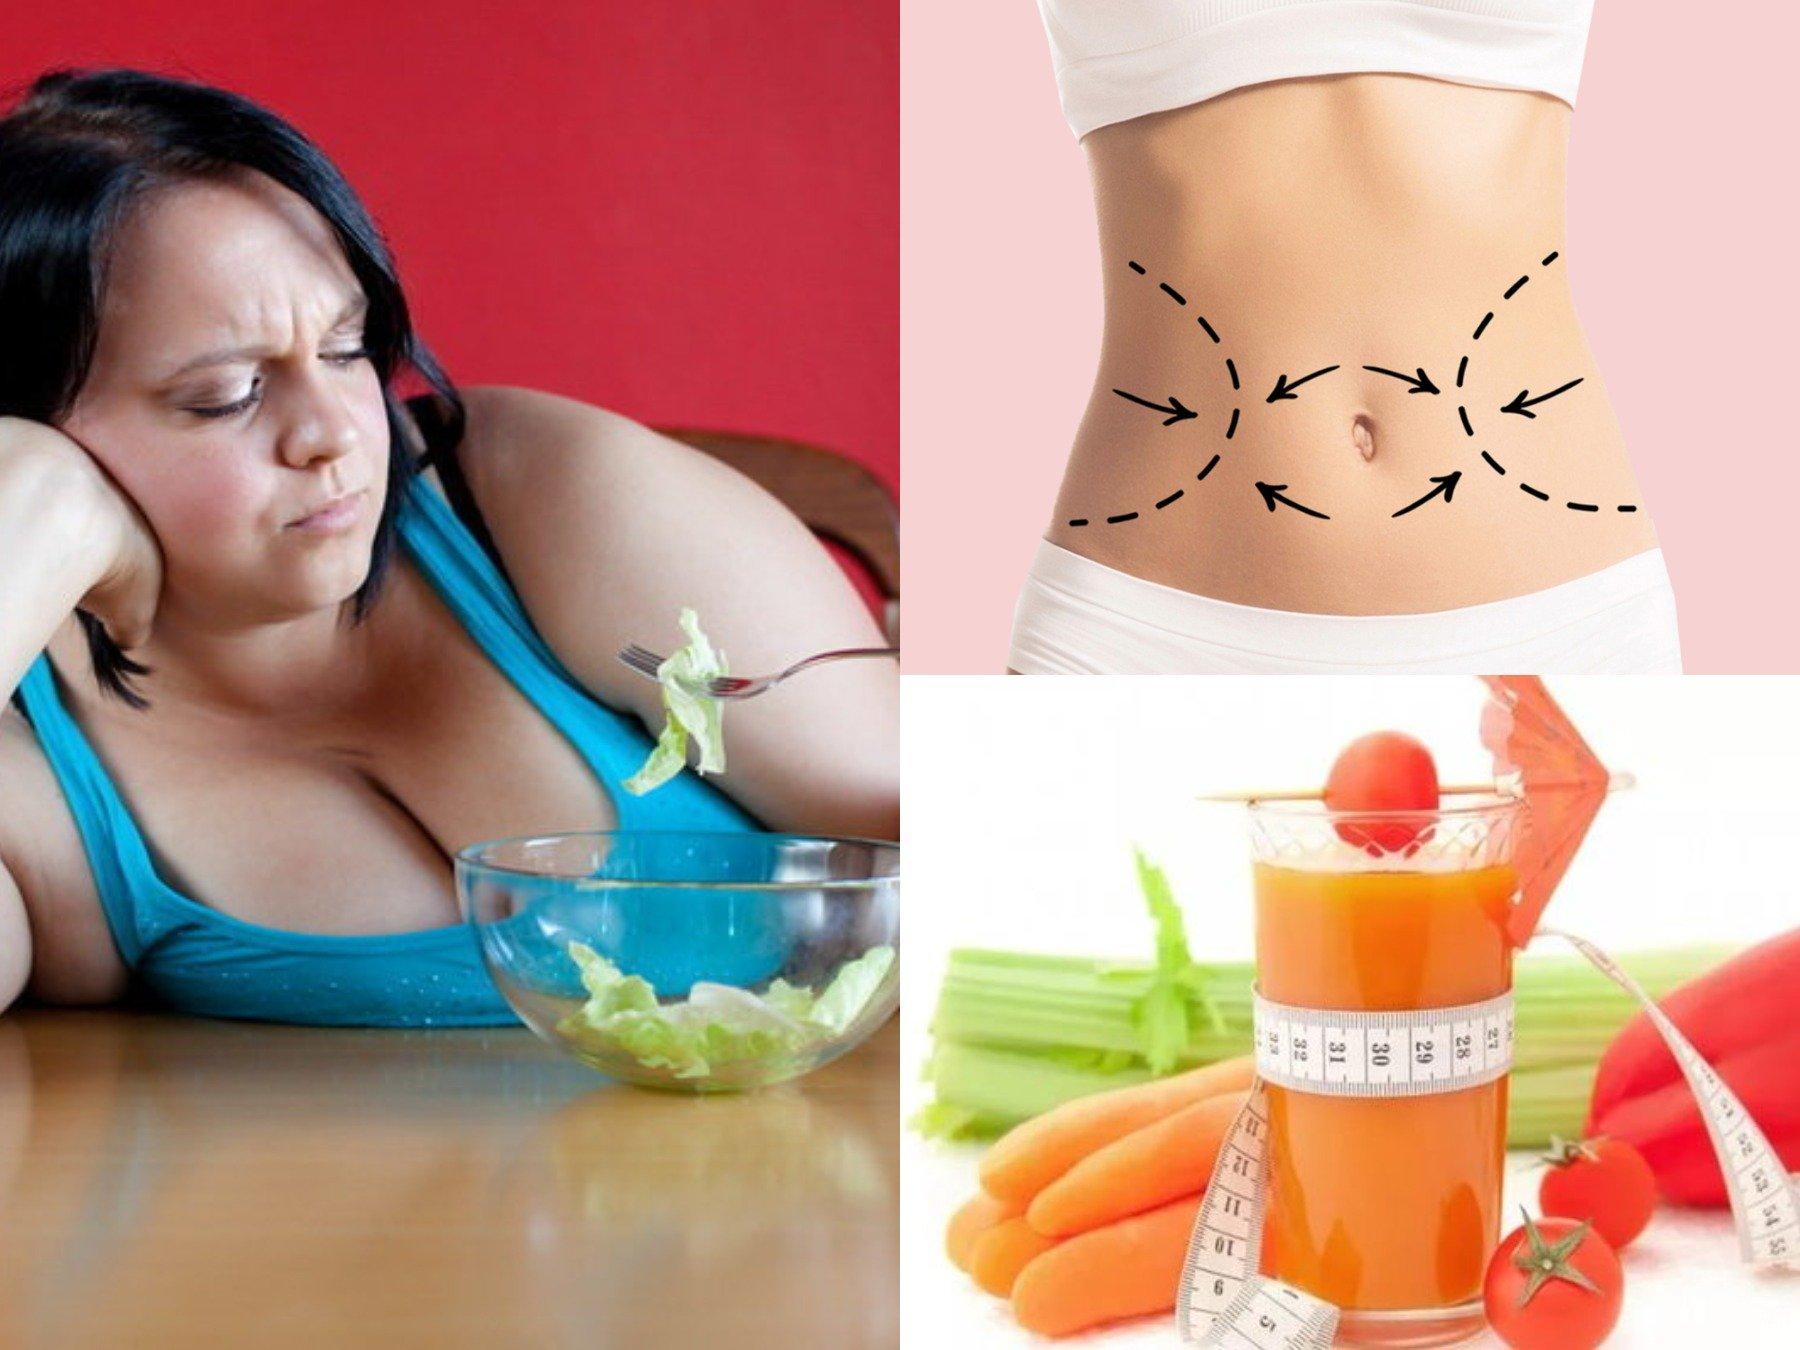 Как Похудеть Что Надо Пить. Пей и худей. Напитки, которые помогут похудеть даже тем, кто не занимается спортом